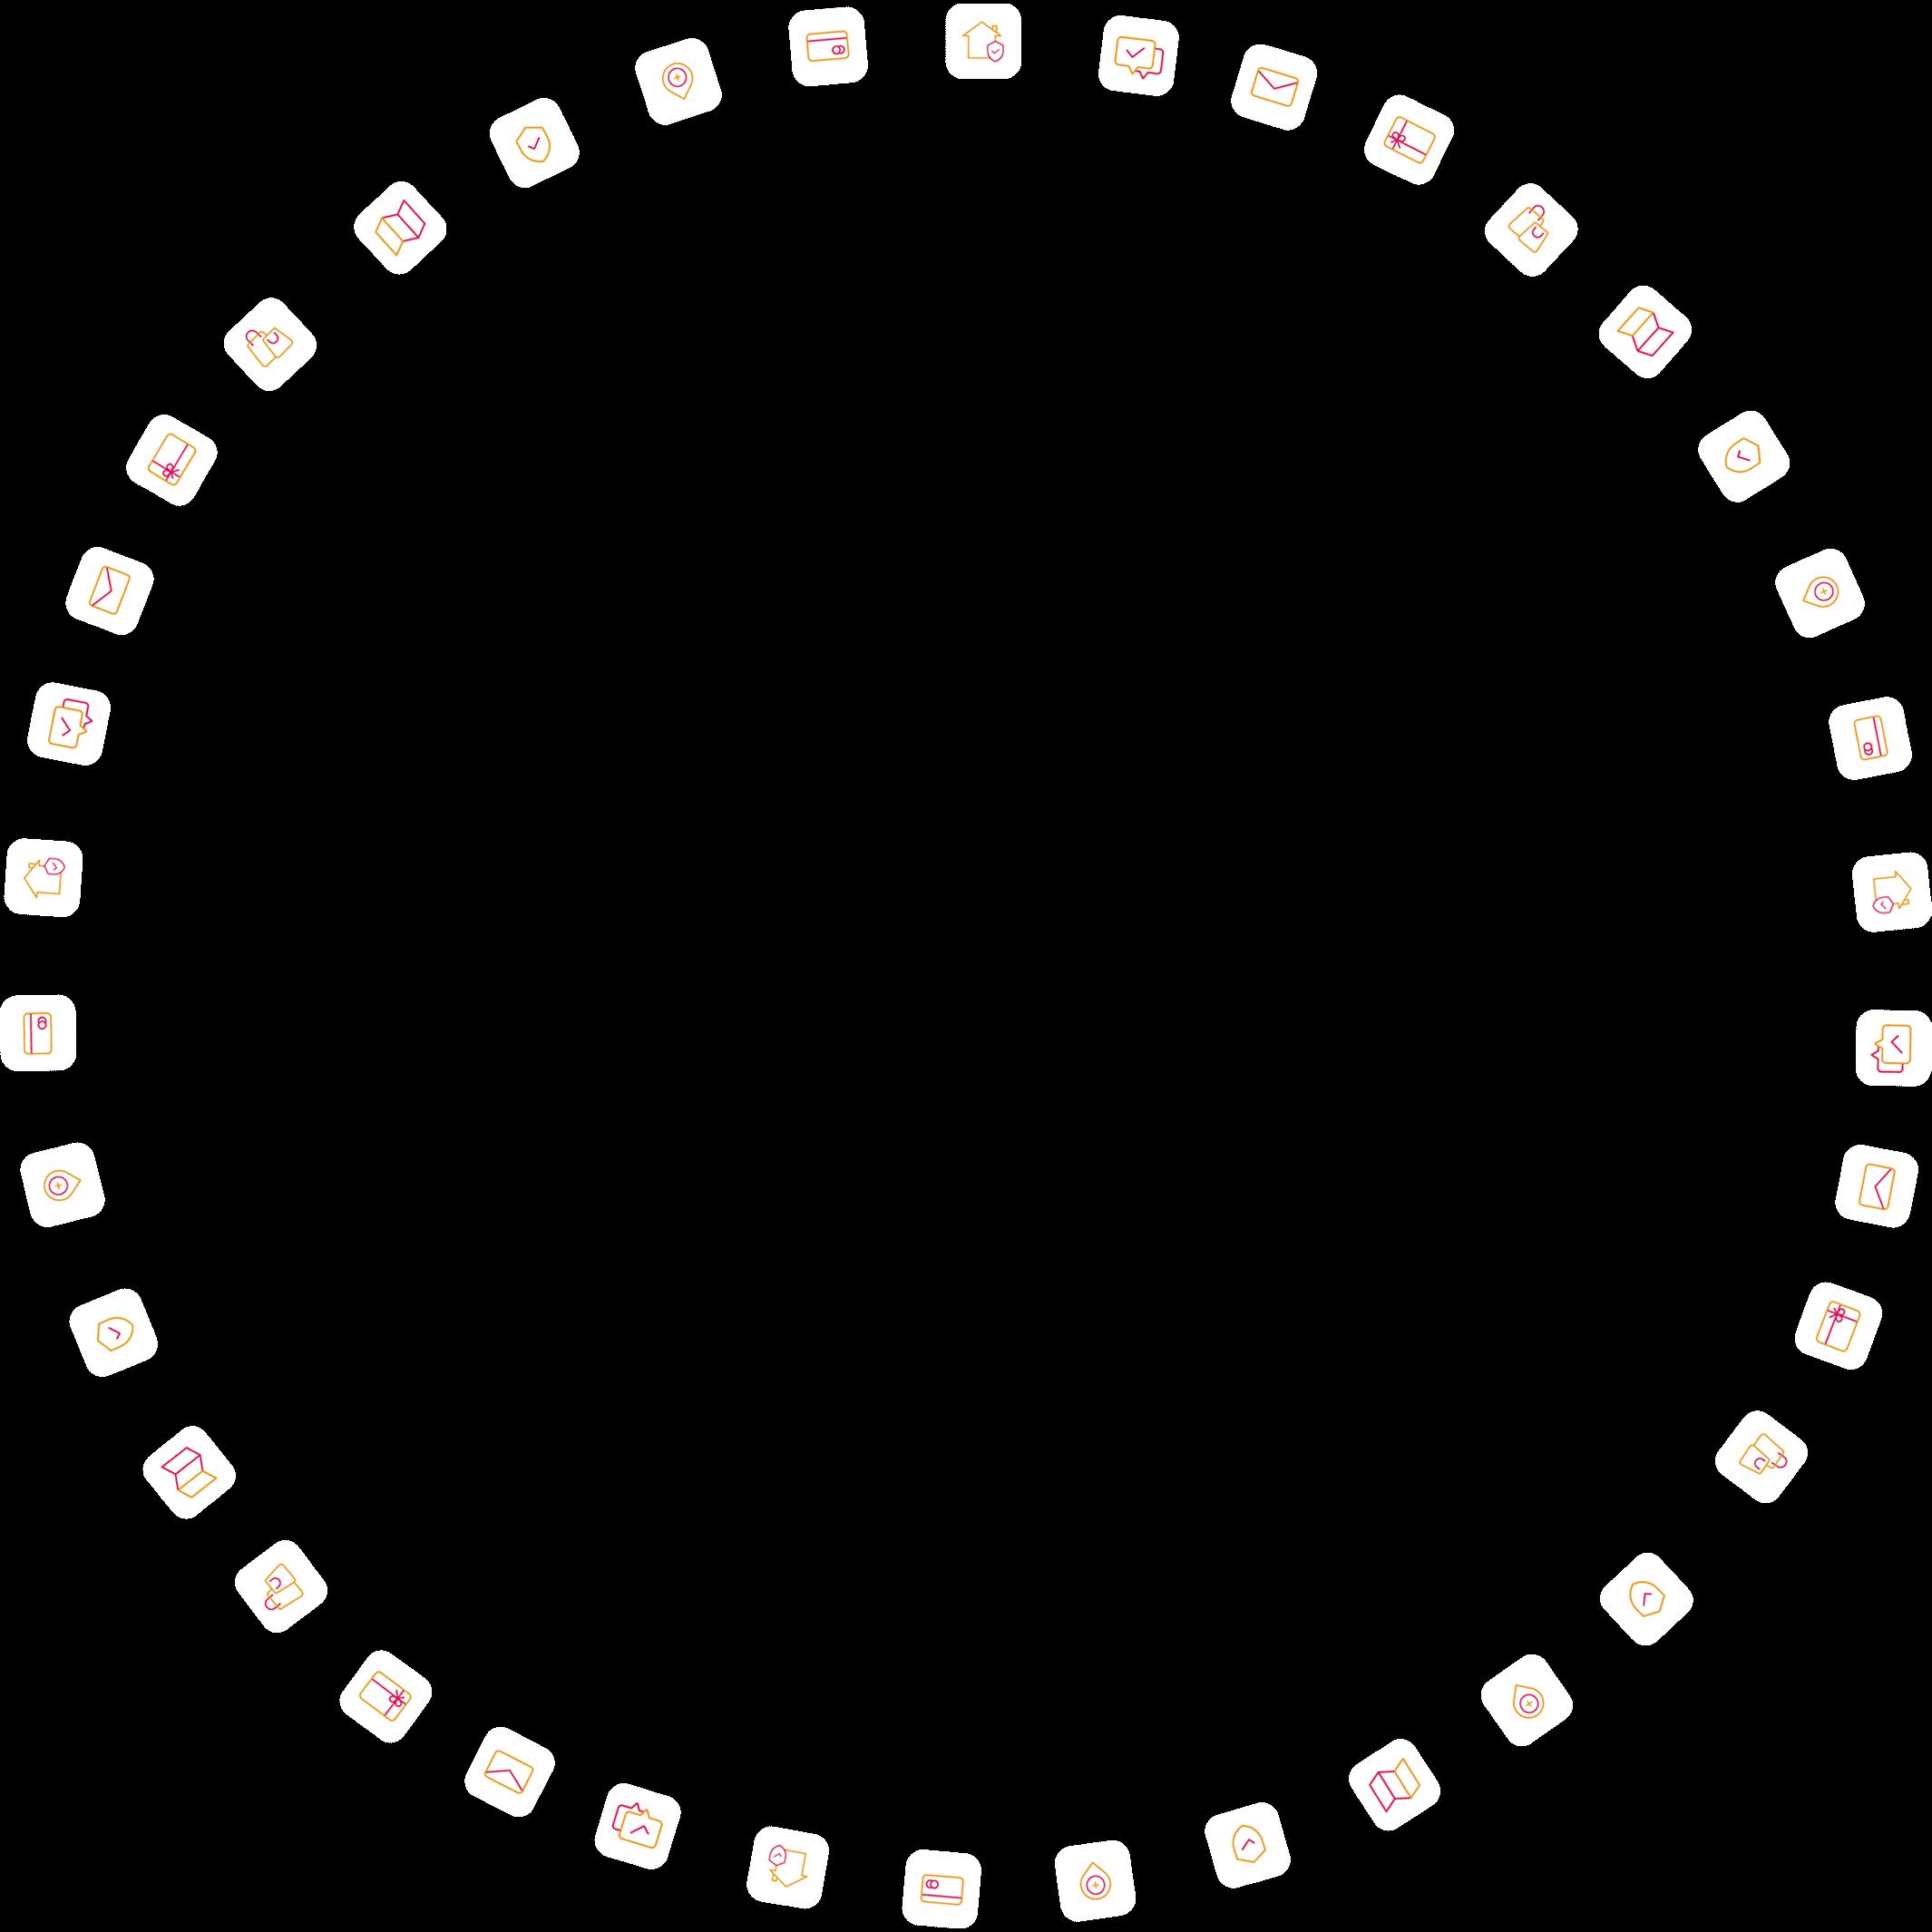 icons rotate -